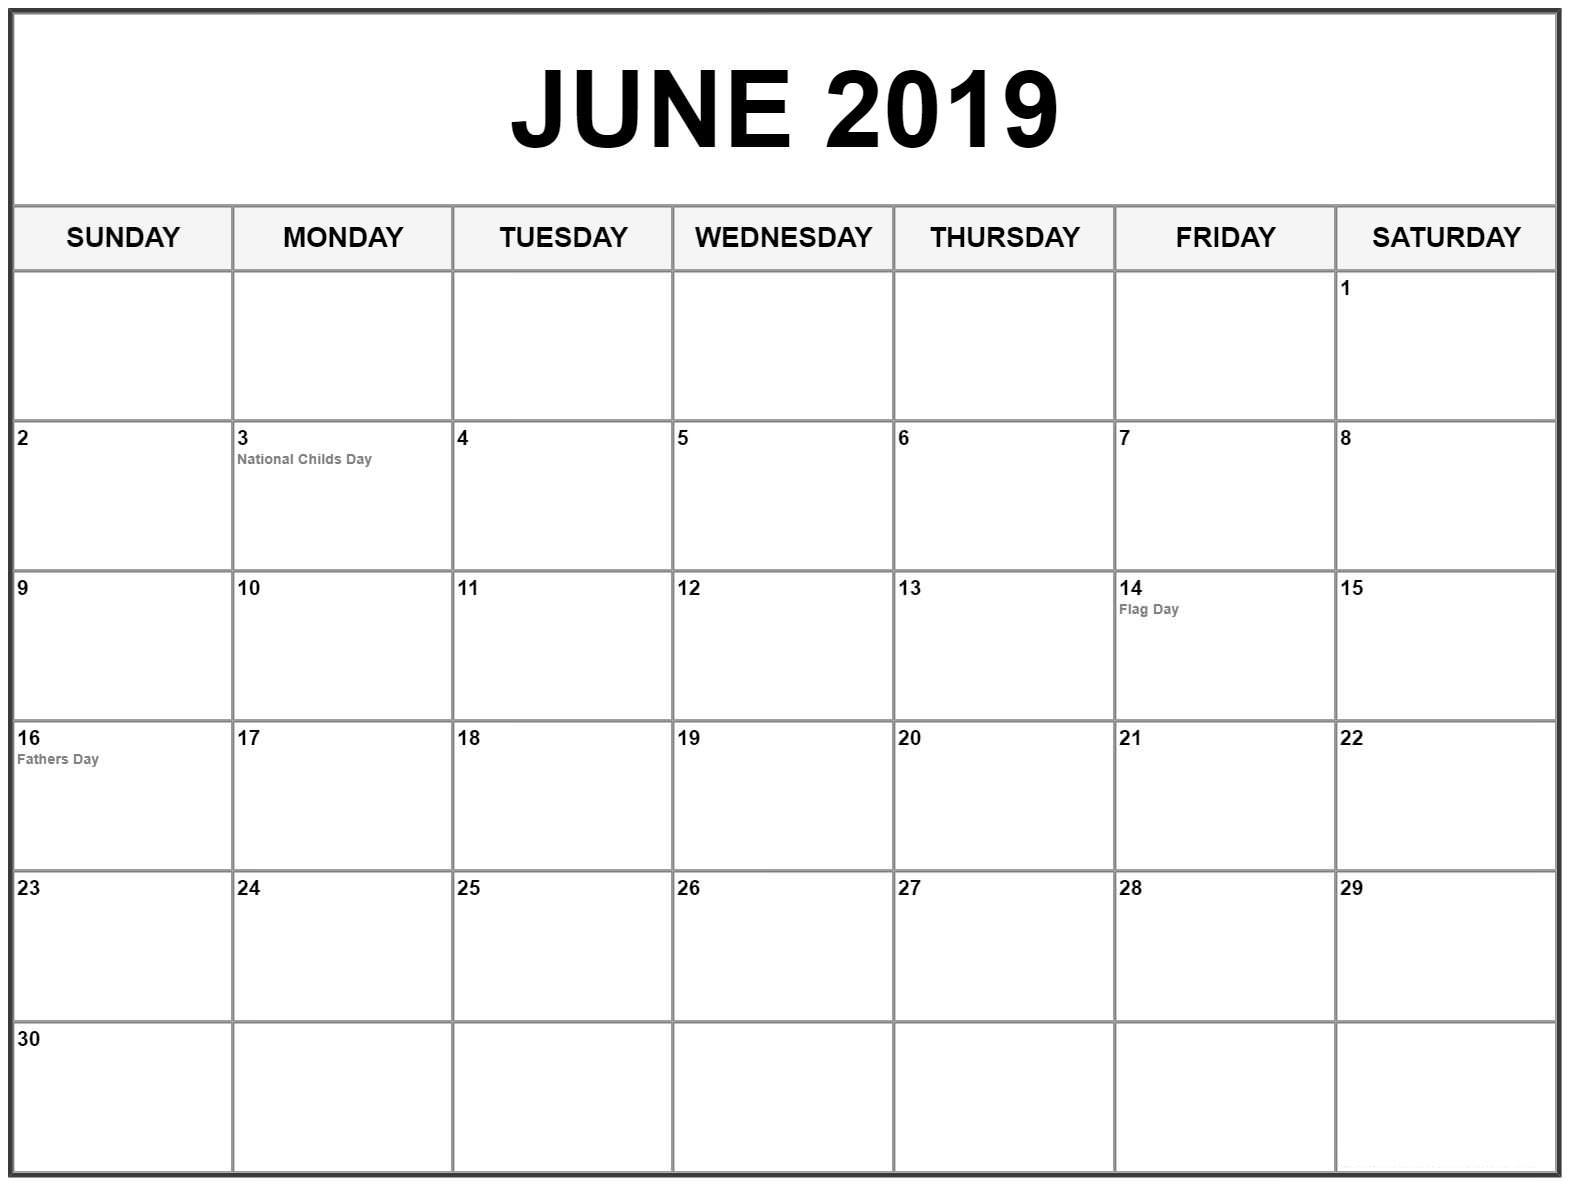 Blank Calendar For June 2019 Template